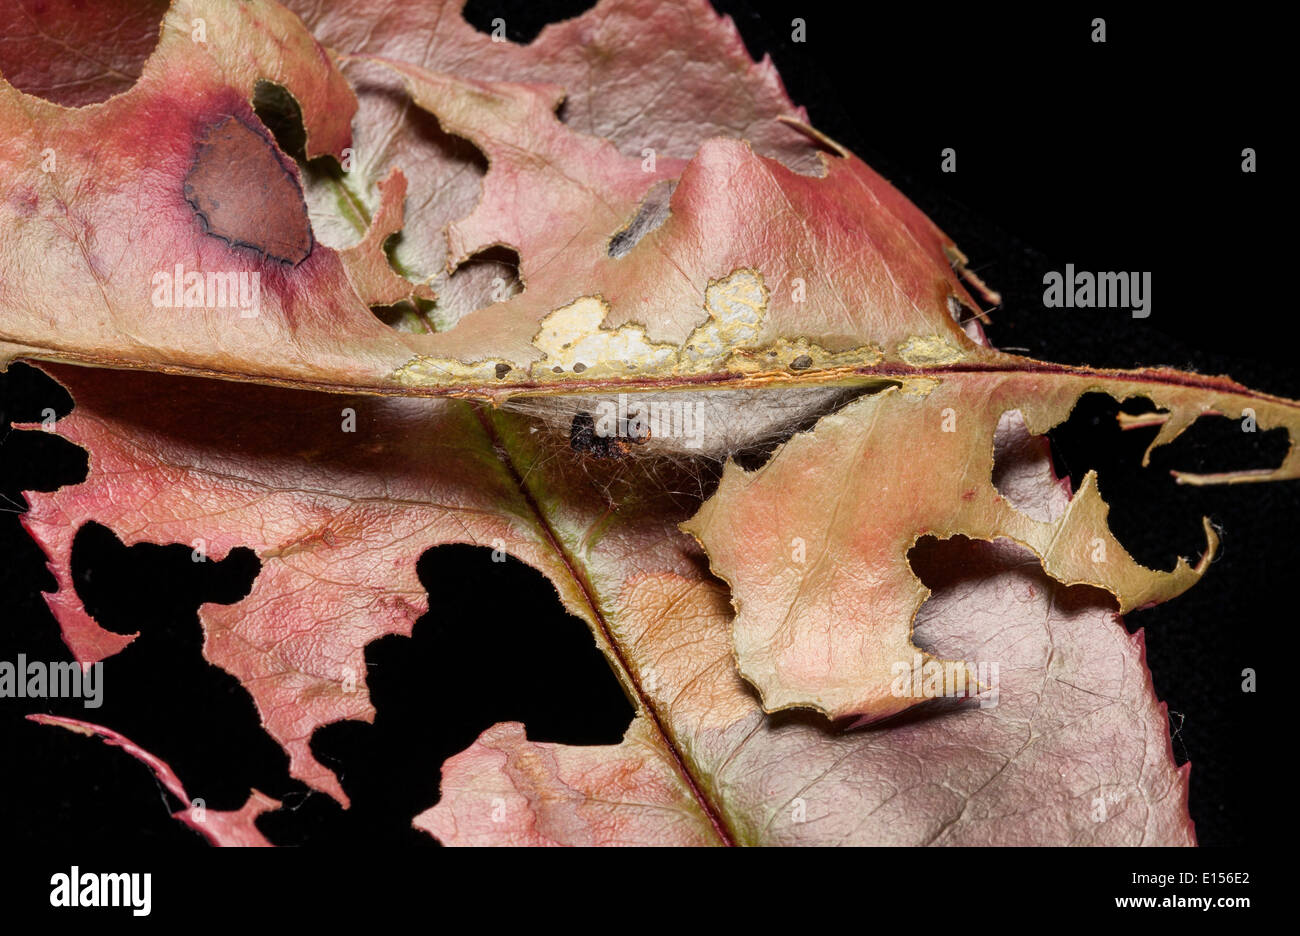 Silken capullo de un pupating amarillo-oro, cola cola o Polilla Polilla Swan ( Euproctis simi ) fijado entre las hojas. Bedfordshire, REINO UNIDO Foto de stock